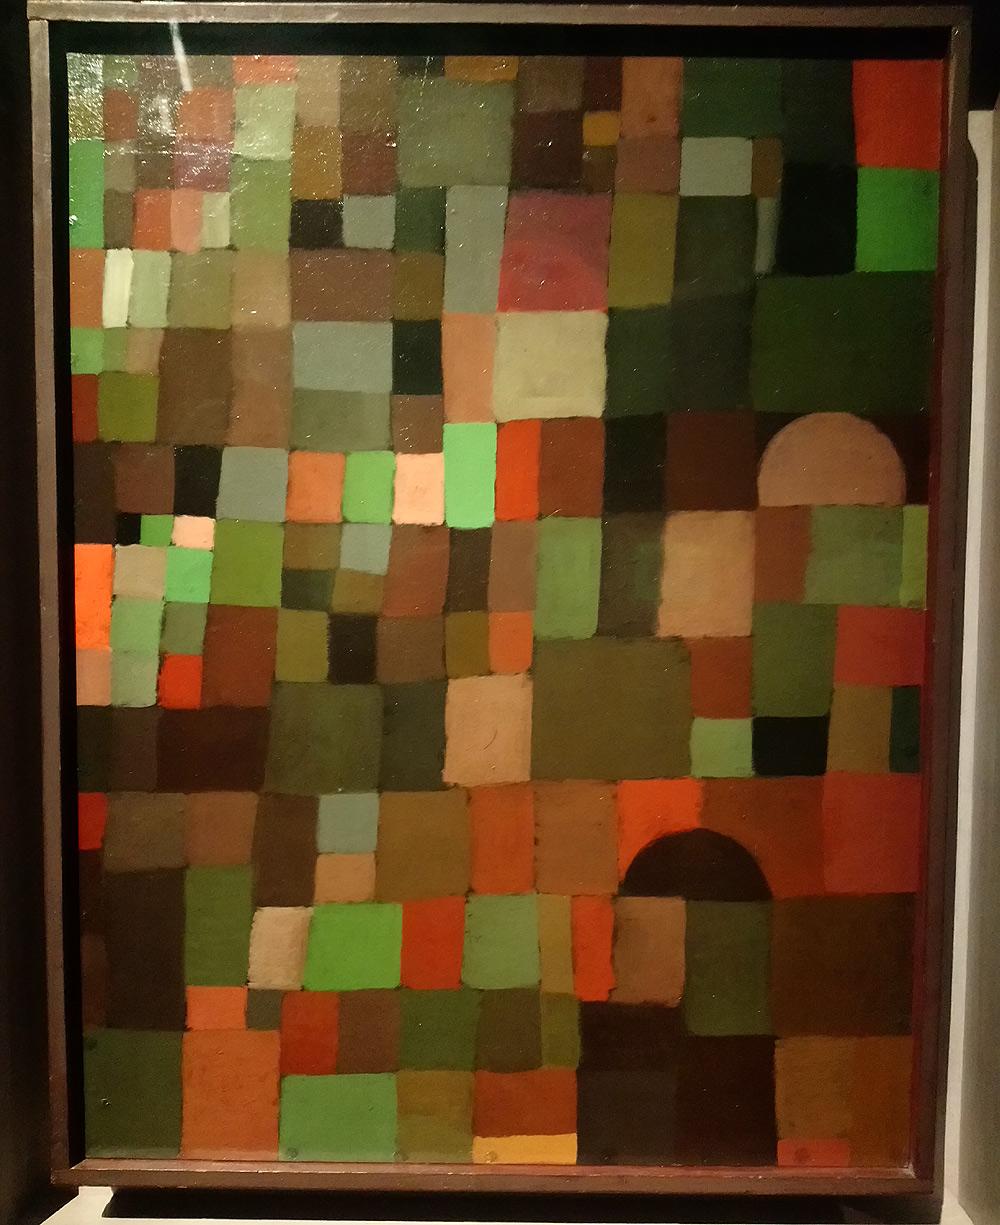 Paul Klee, Städtebild (rot grün gestuft) [mit der roten Kuppel],  Paesaggio urbano (in gradazioni di rosso-verde) [con la cupola rossa] (1923; olio su cartone su compensato, cornice originale, 46 × 35cm; Berna, Zentrum Paul Klee, dono di Livia Klee)